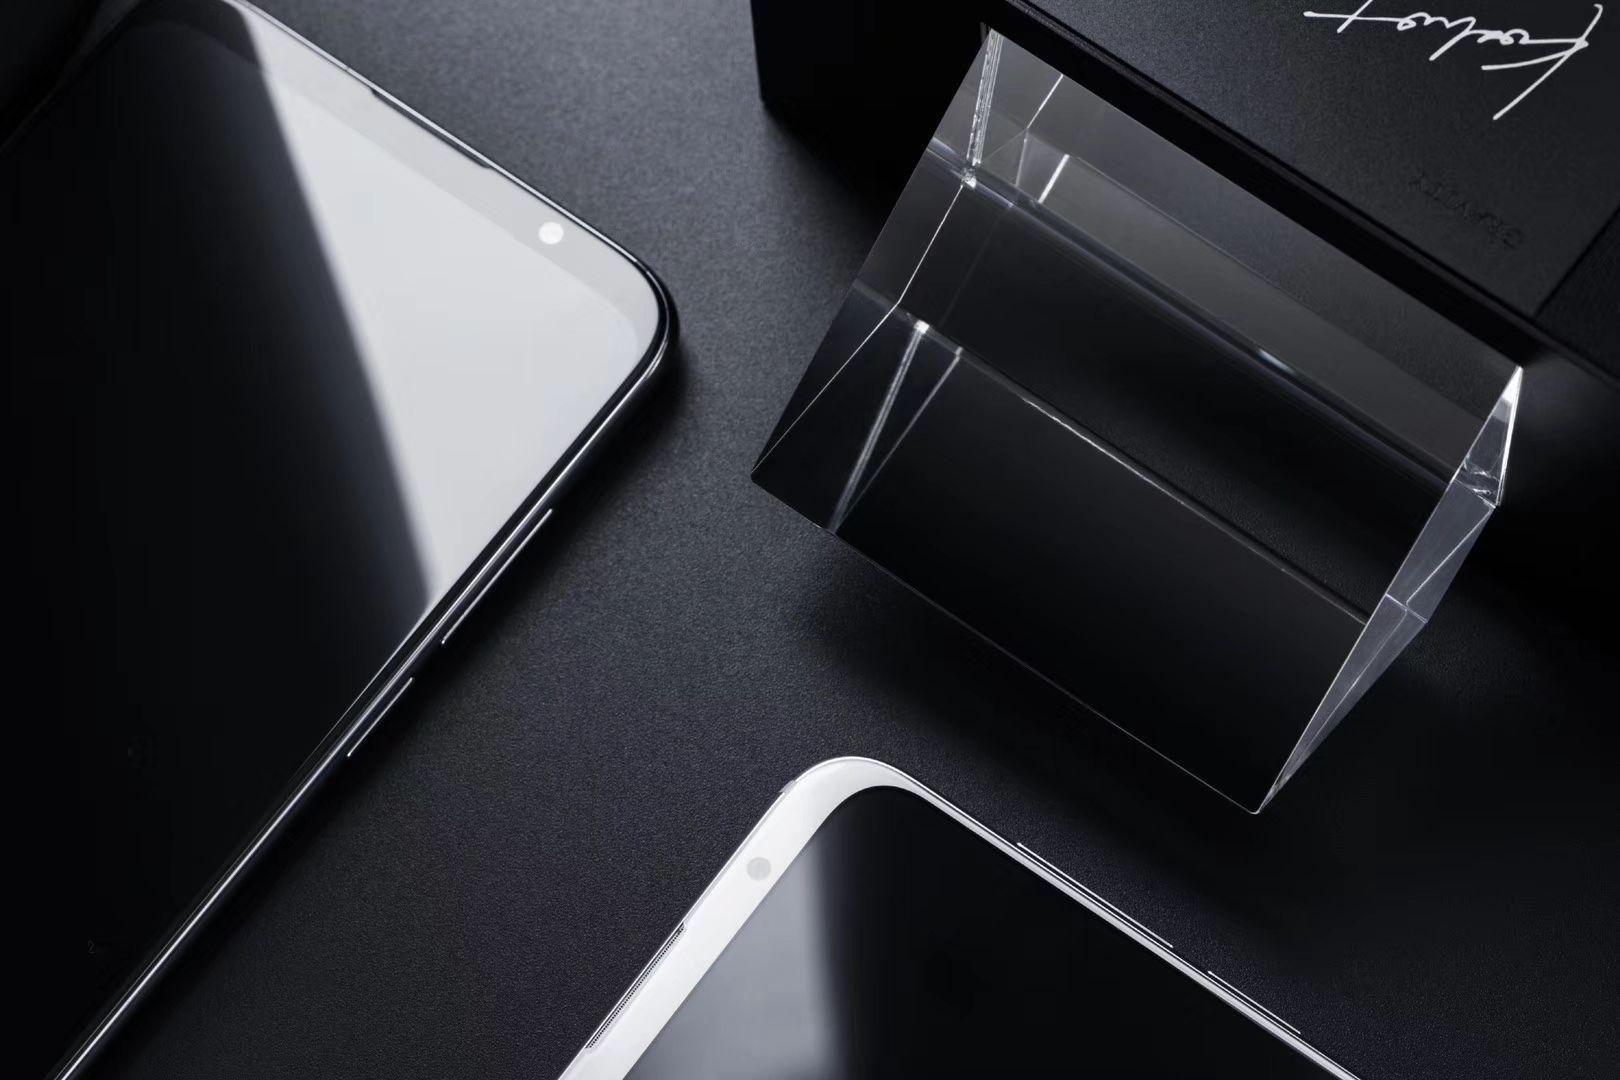 Meizu 16th PlusがGeekbenchに登場。RAM 8GBを搭載